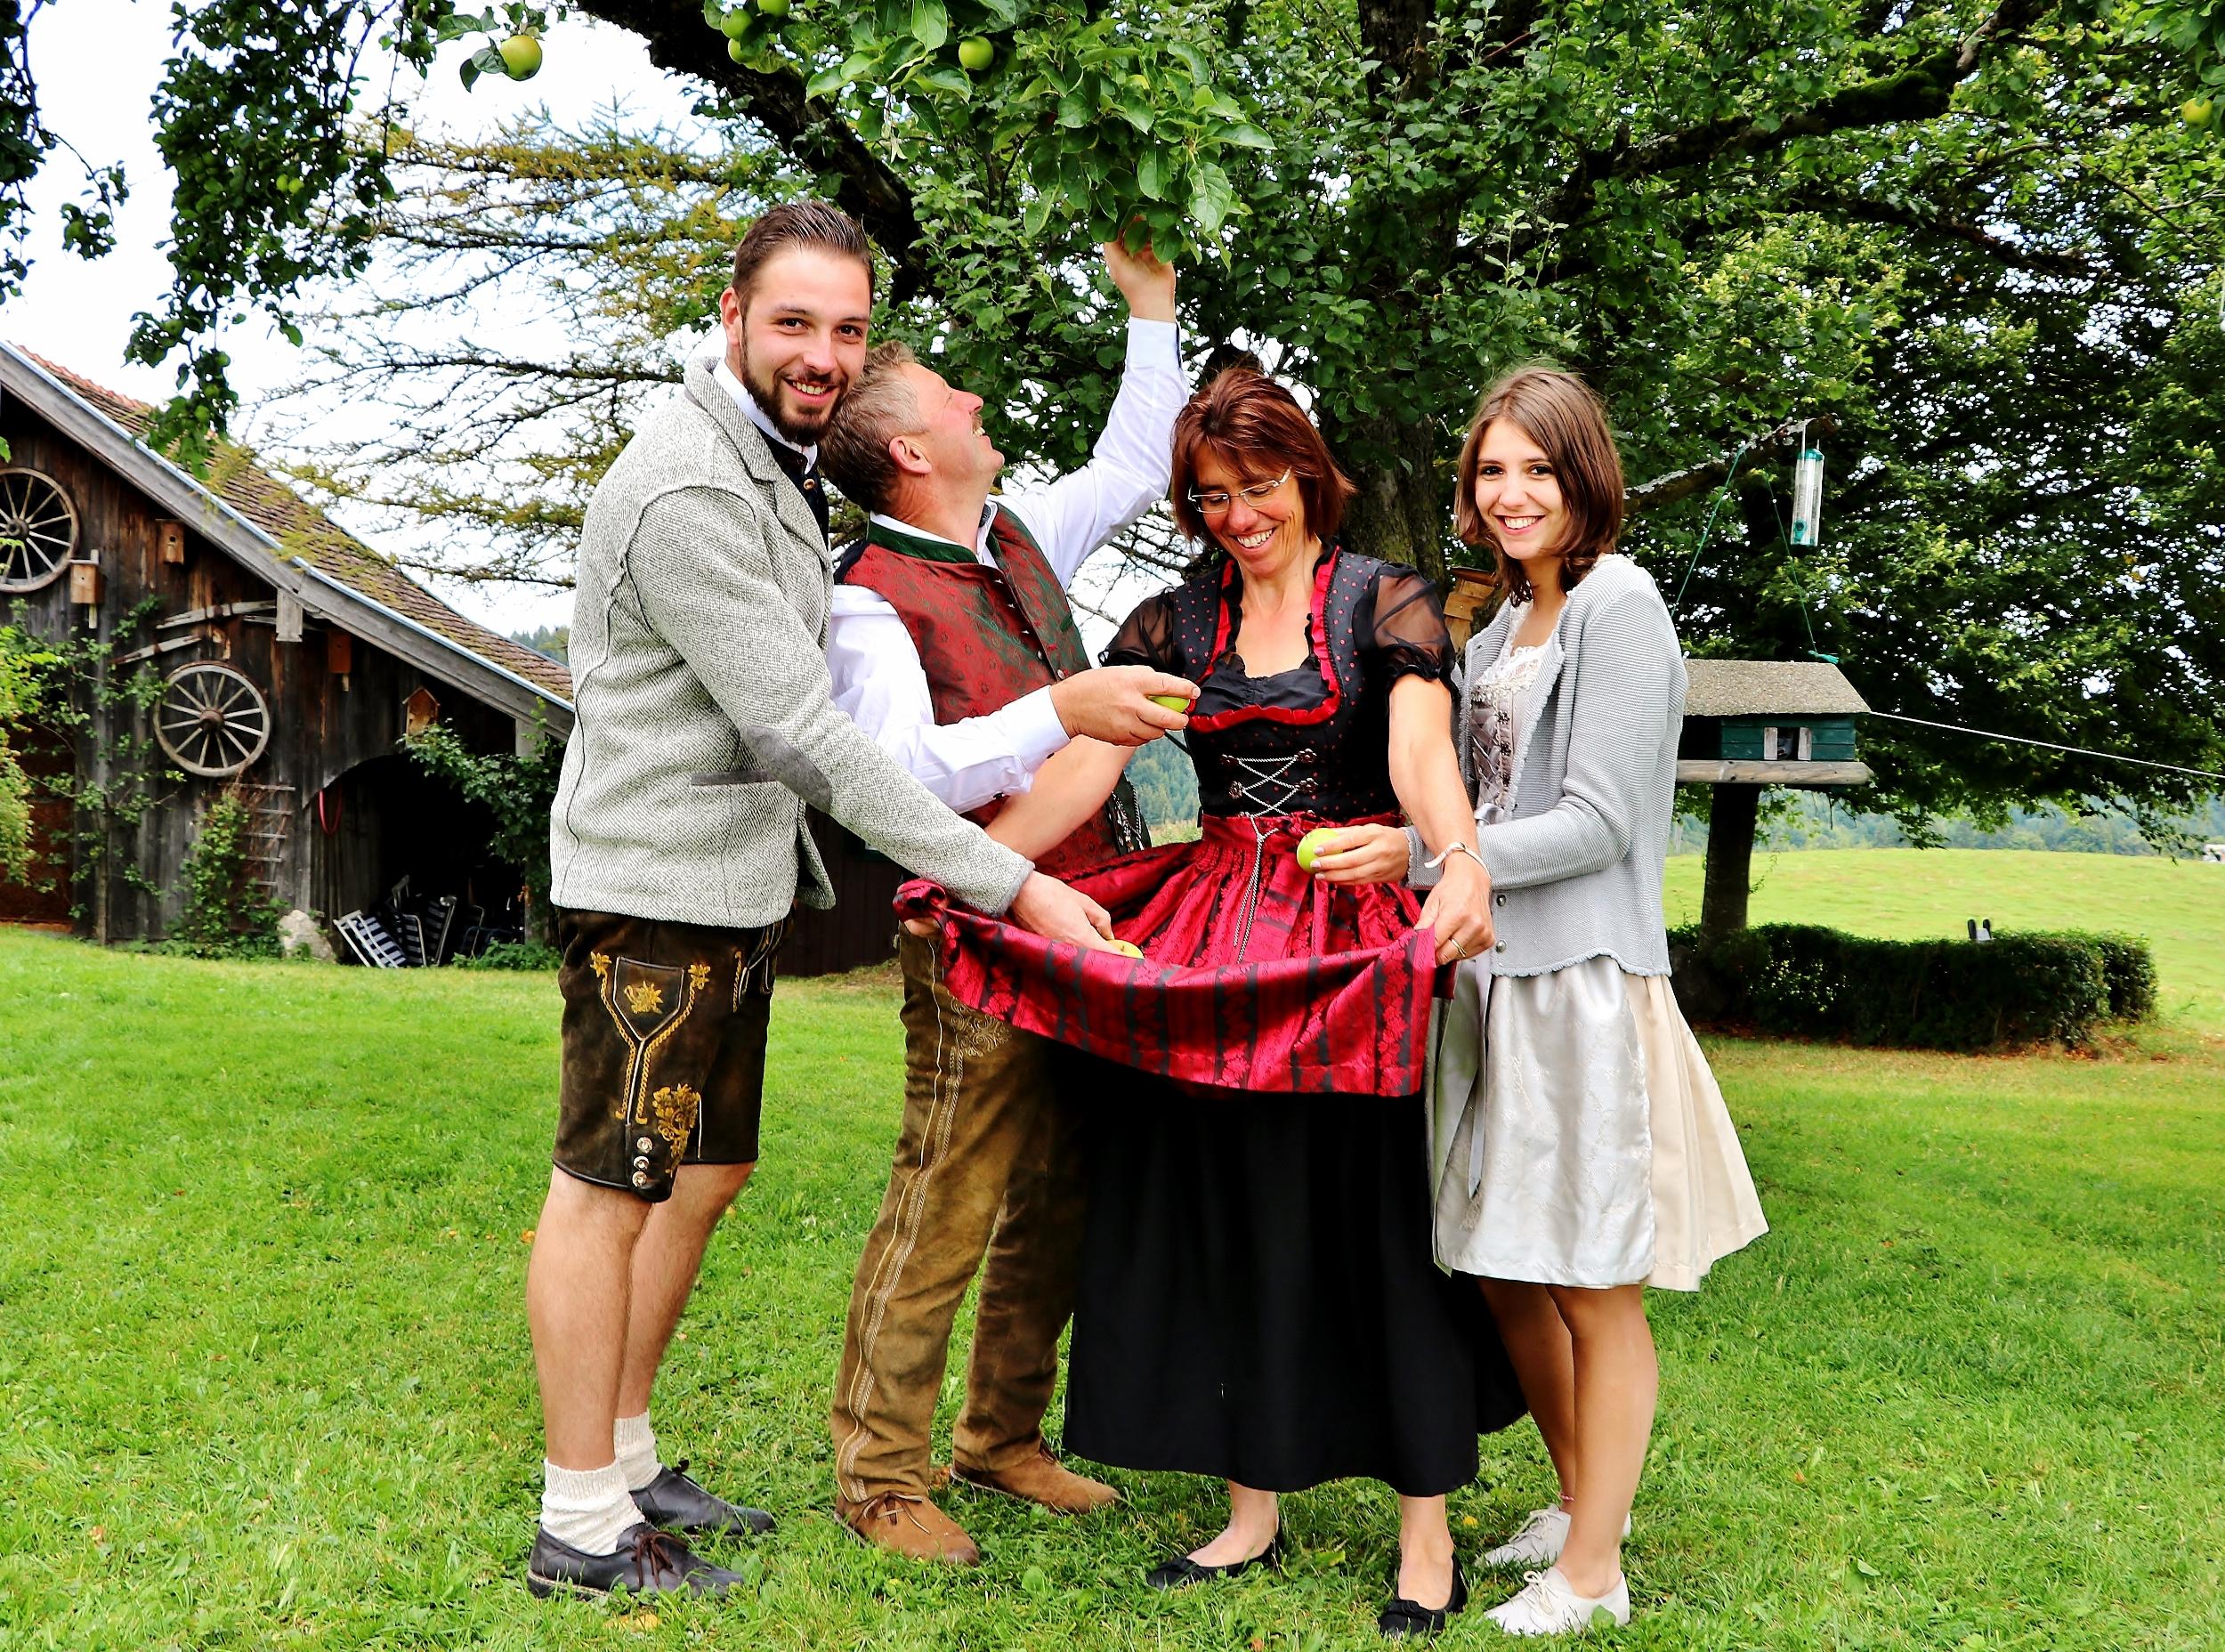 Franz und Irmgard Kinker mit Tochter und Sohn in traditionellen Kleidern